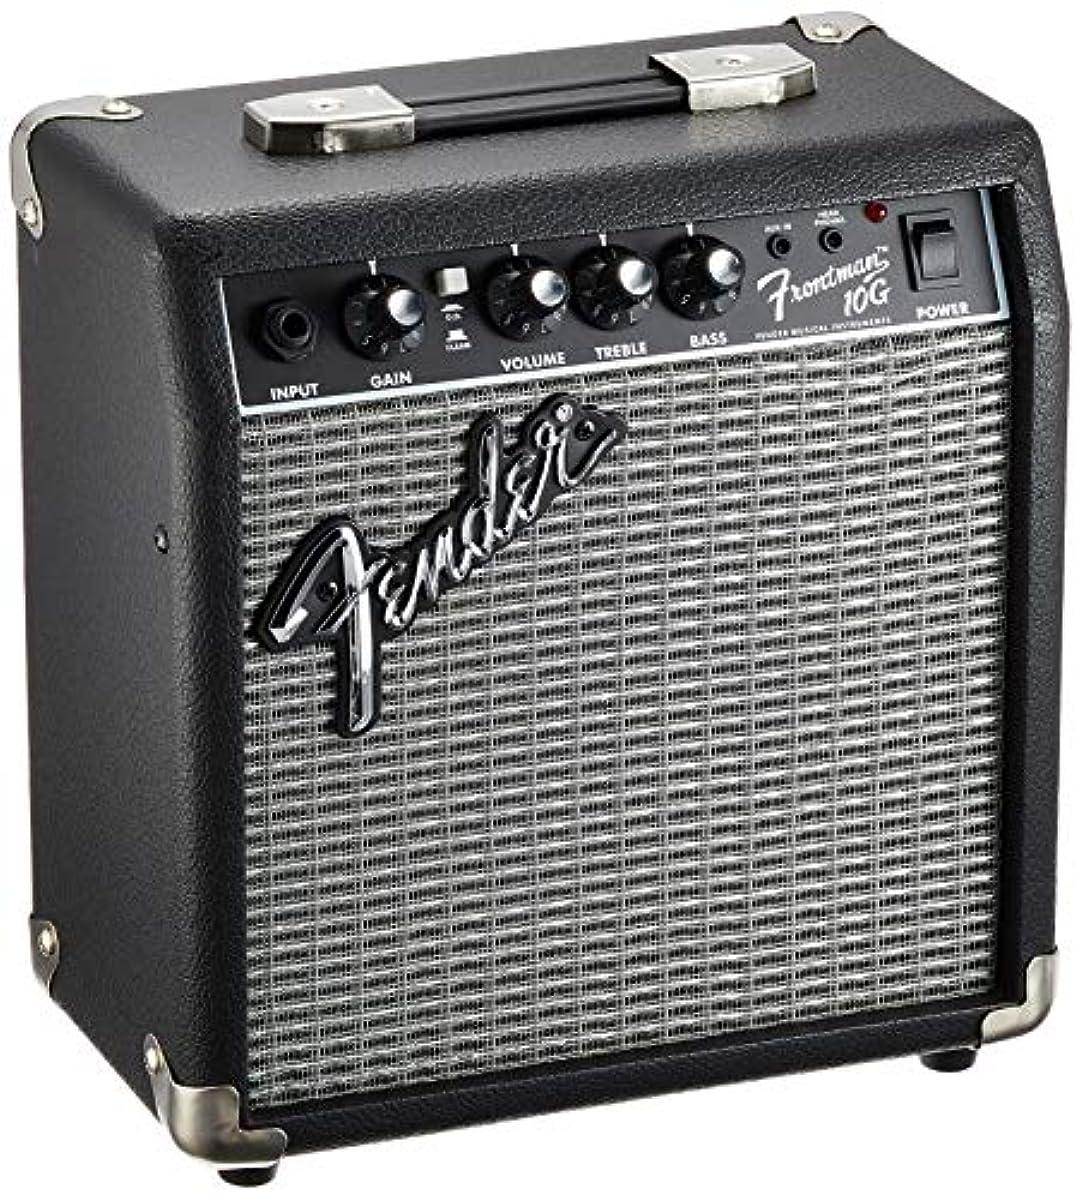 [해외] FENDER 팬더 기타 앰프 FRONTMAN 10G 100V JPN DS